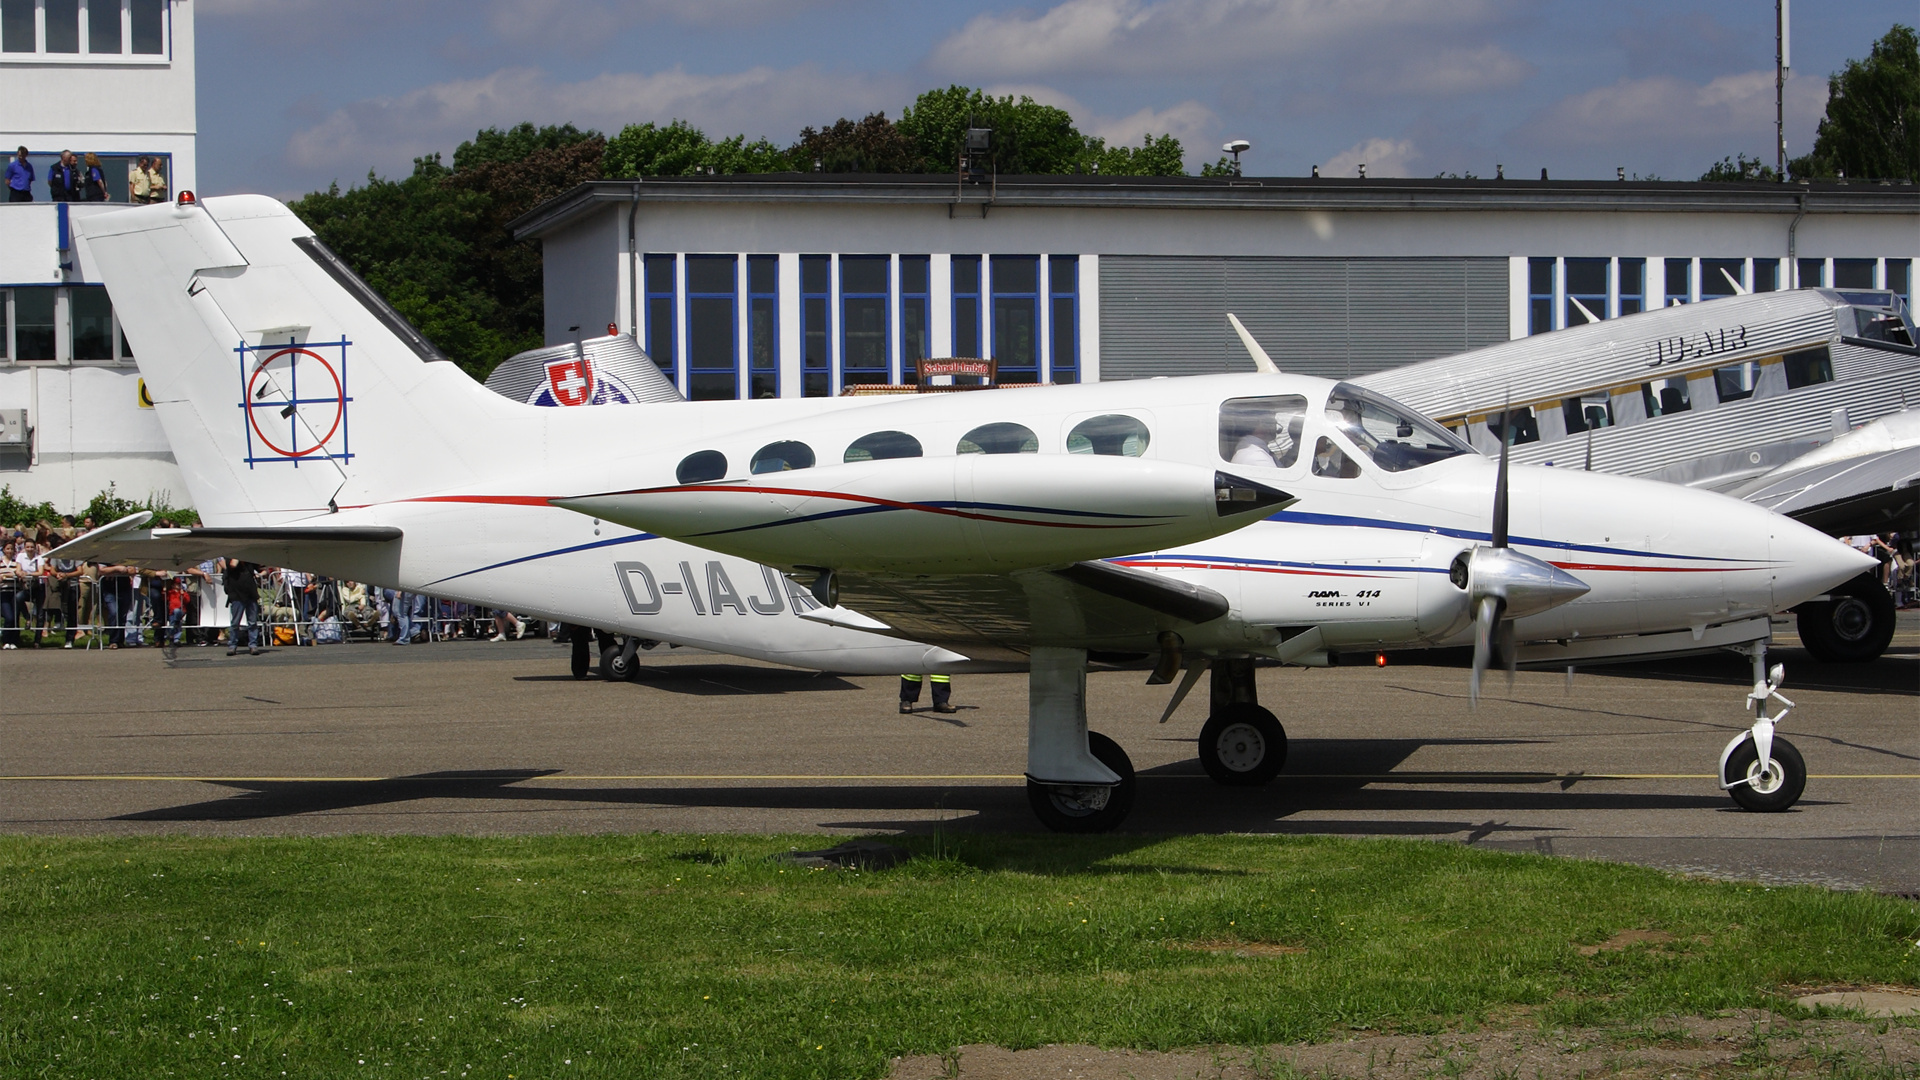 D-IAJK-1 C414 ESS 200806